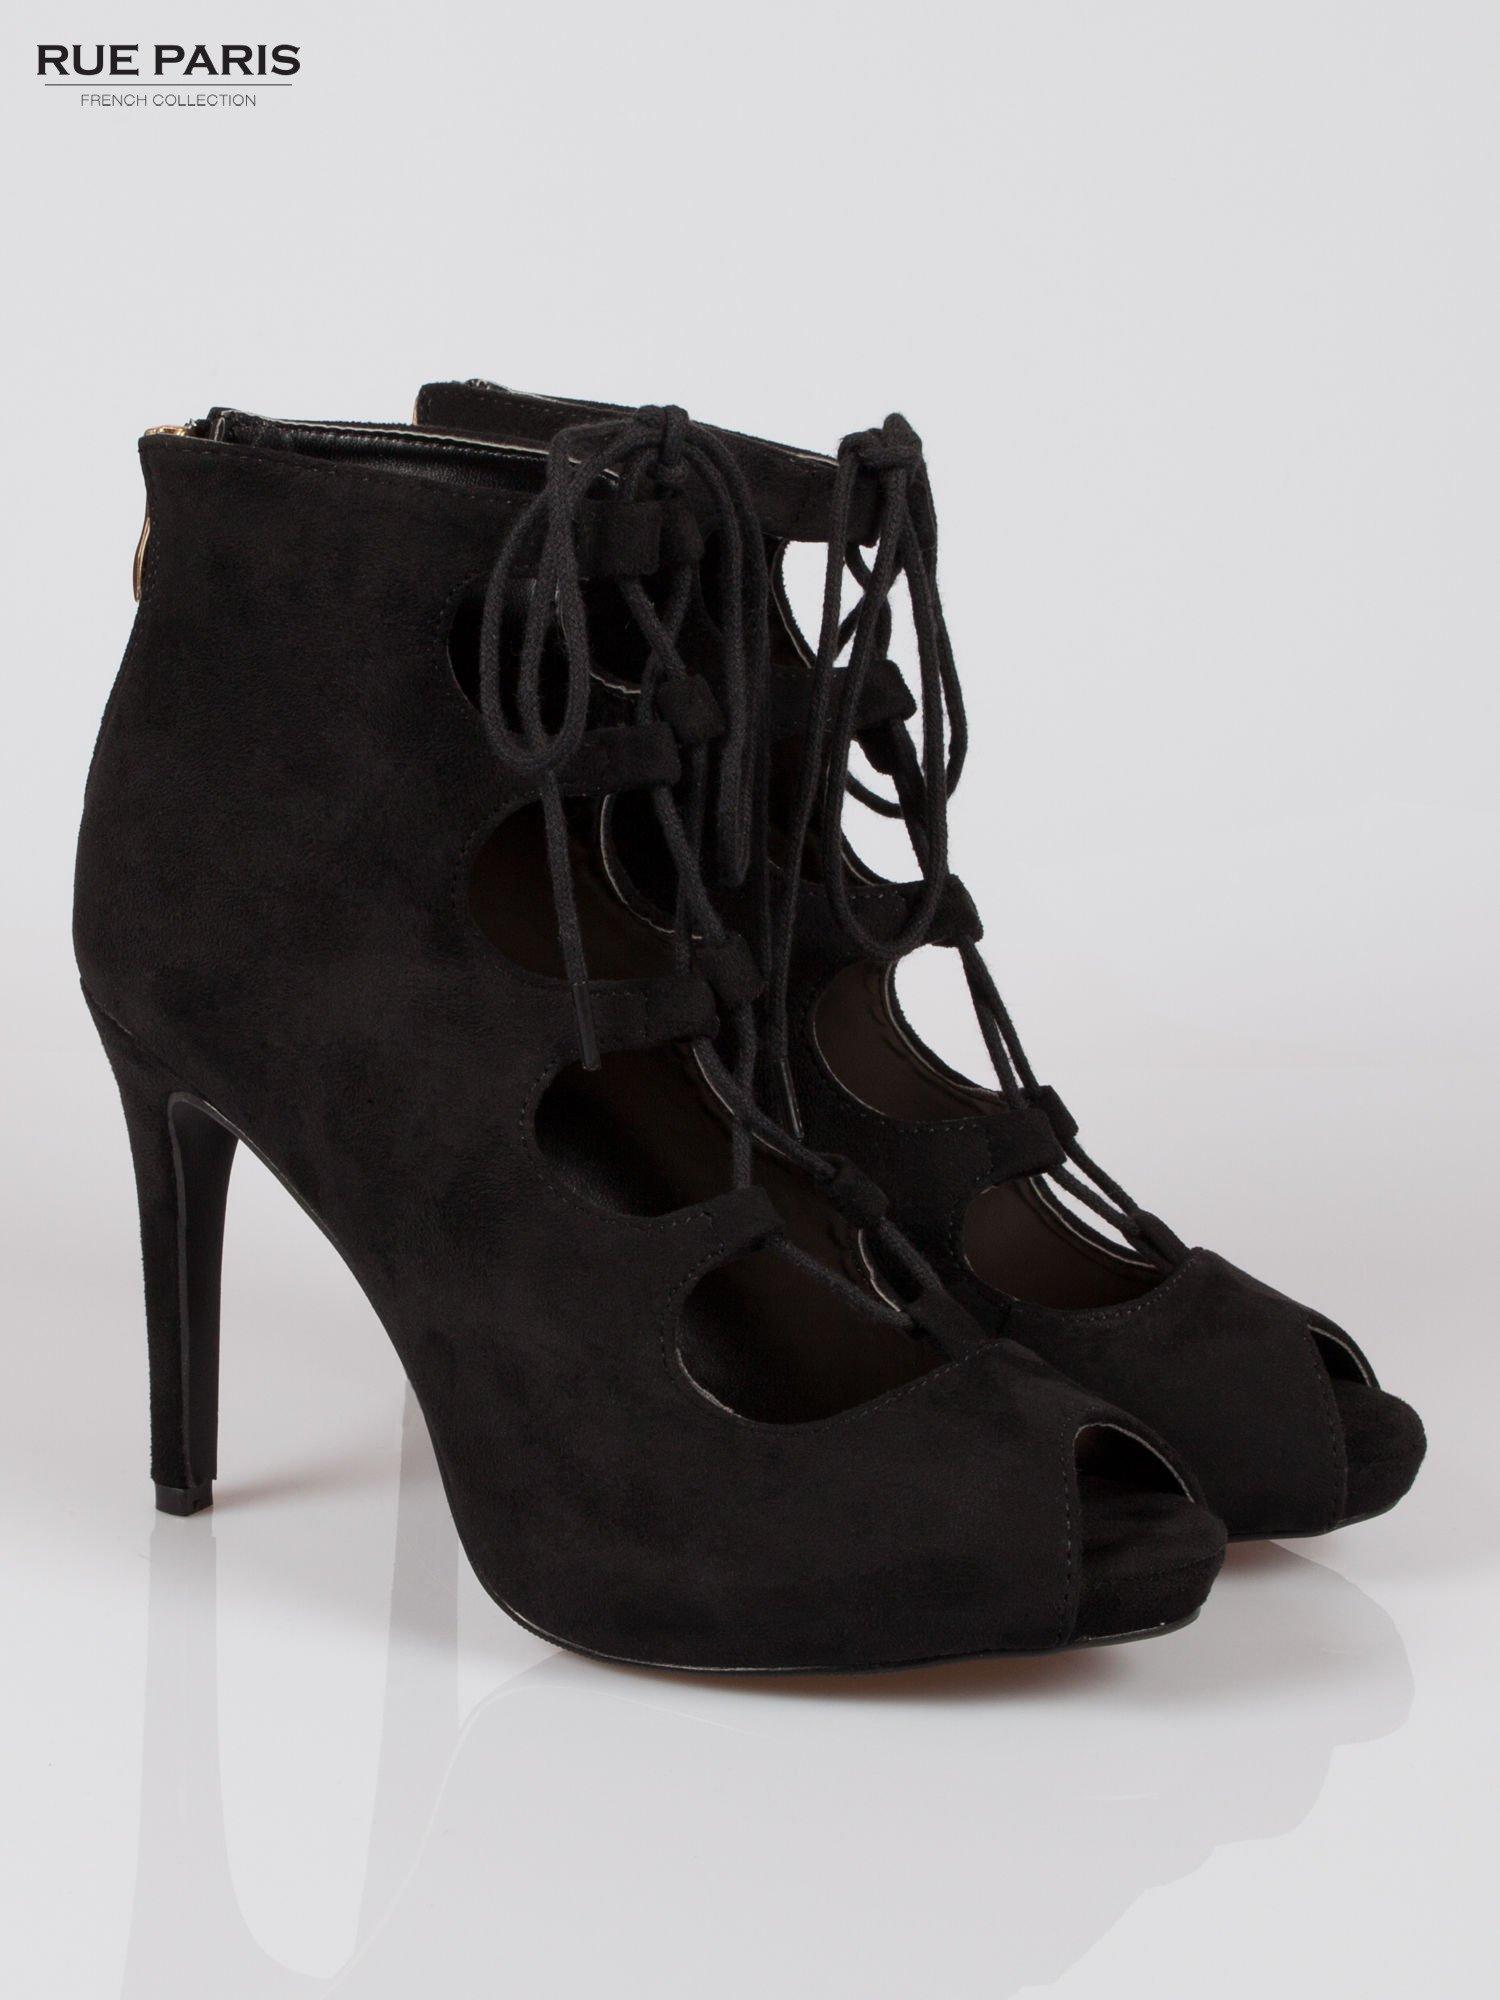 Czarne sznurowane botki lace up open toe z zamkiem                                  zdj.                                  2